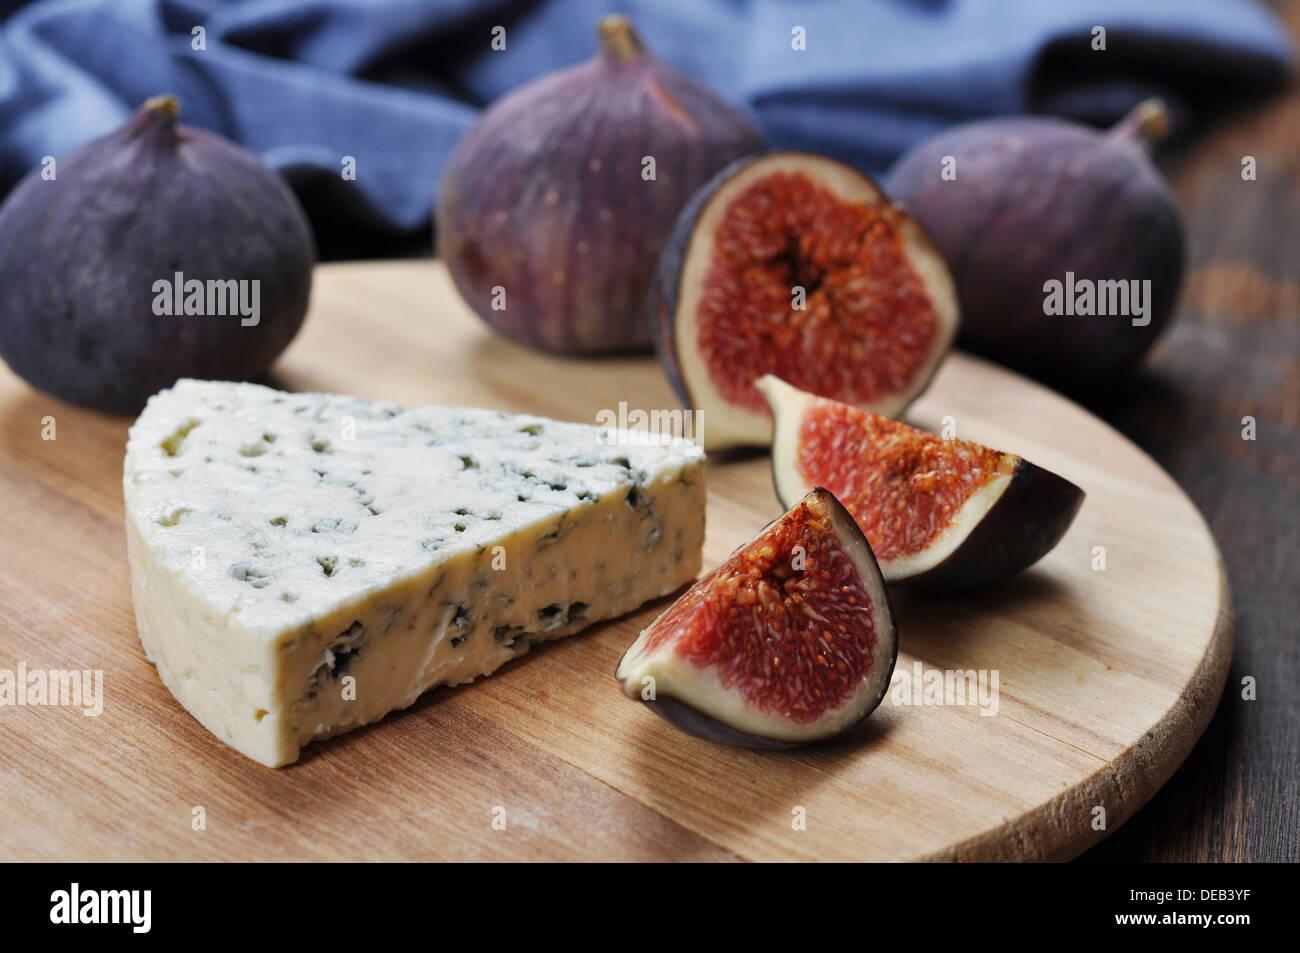 Blauschimmelkäse und frische Feigen Früchte auf einem Holzbrett Stockbild